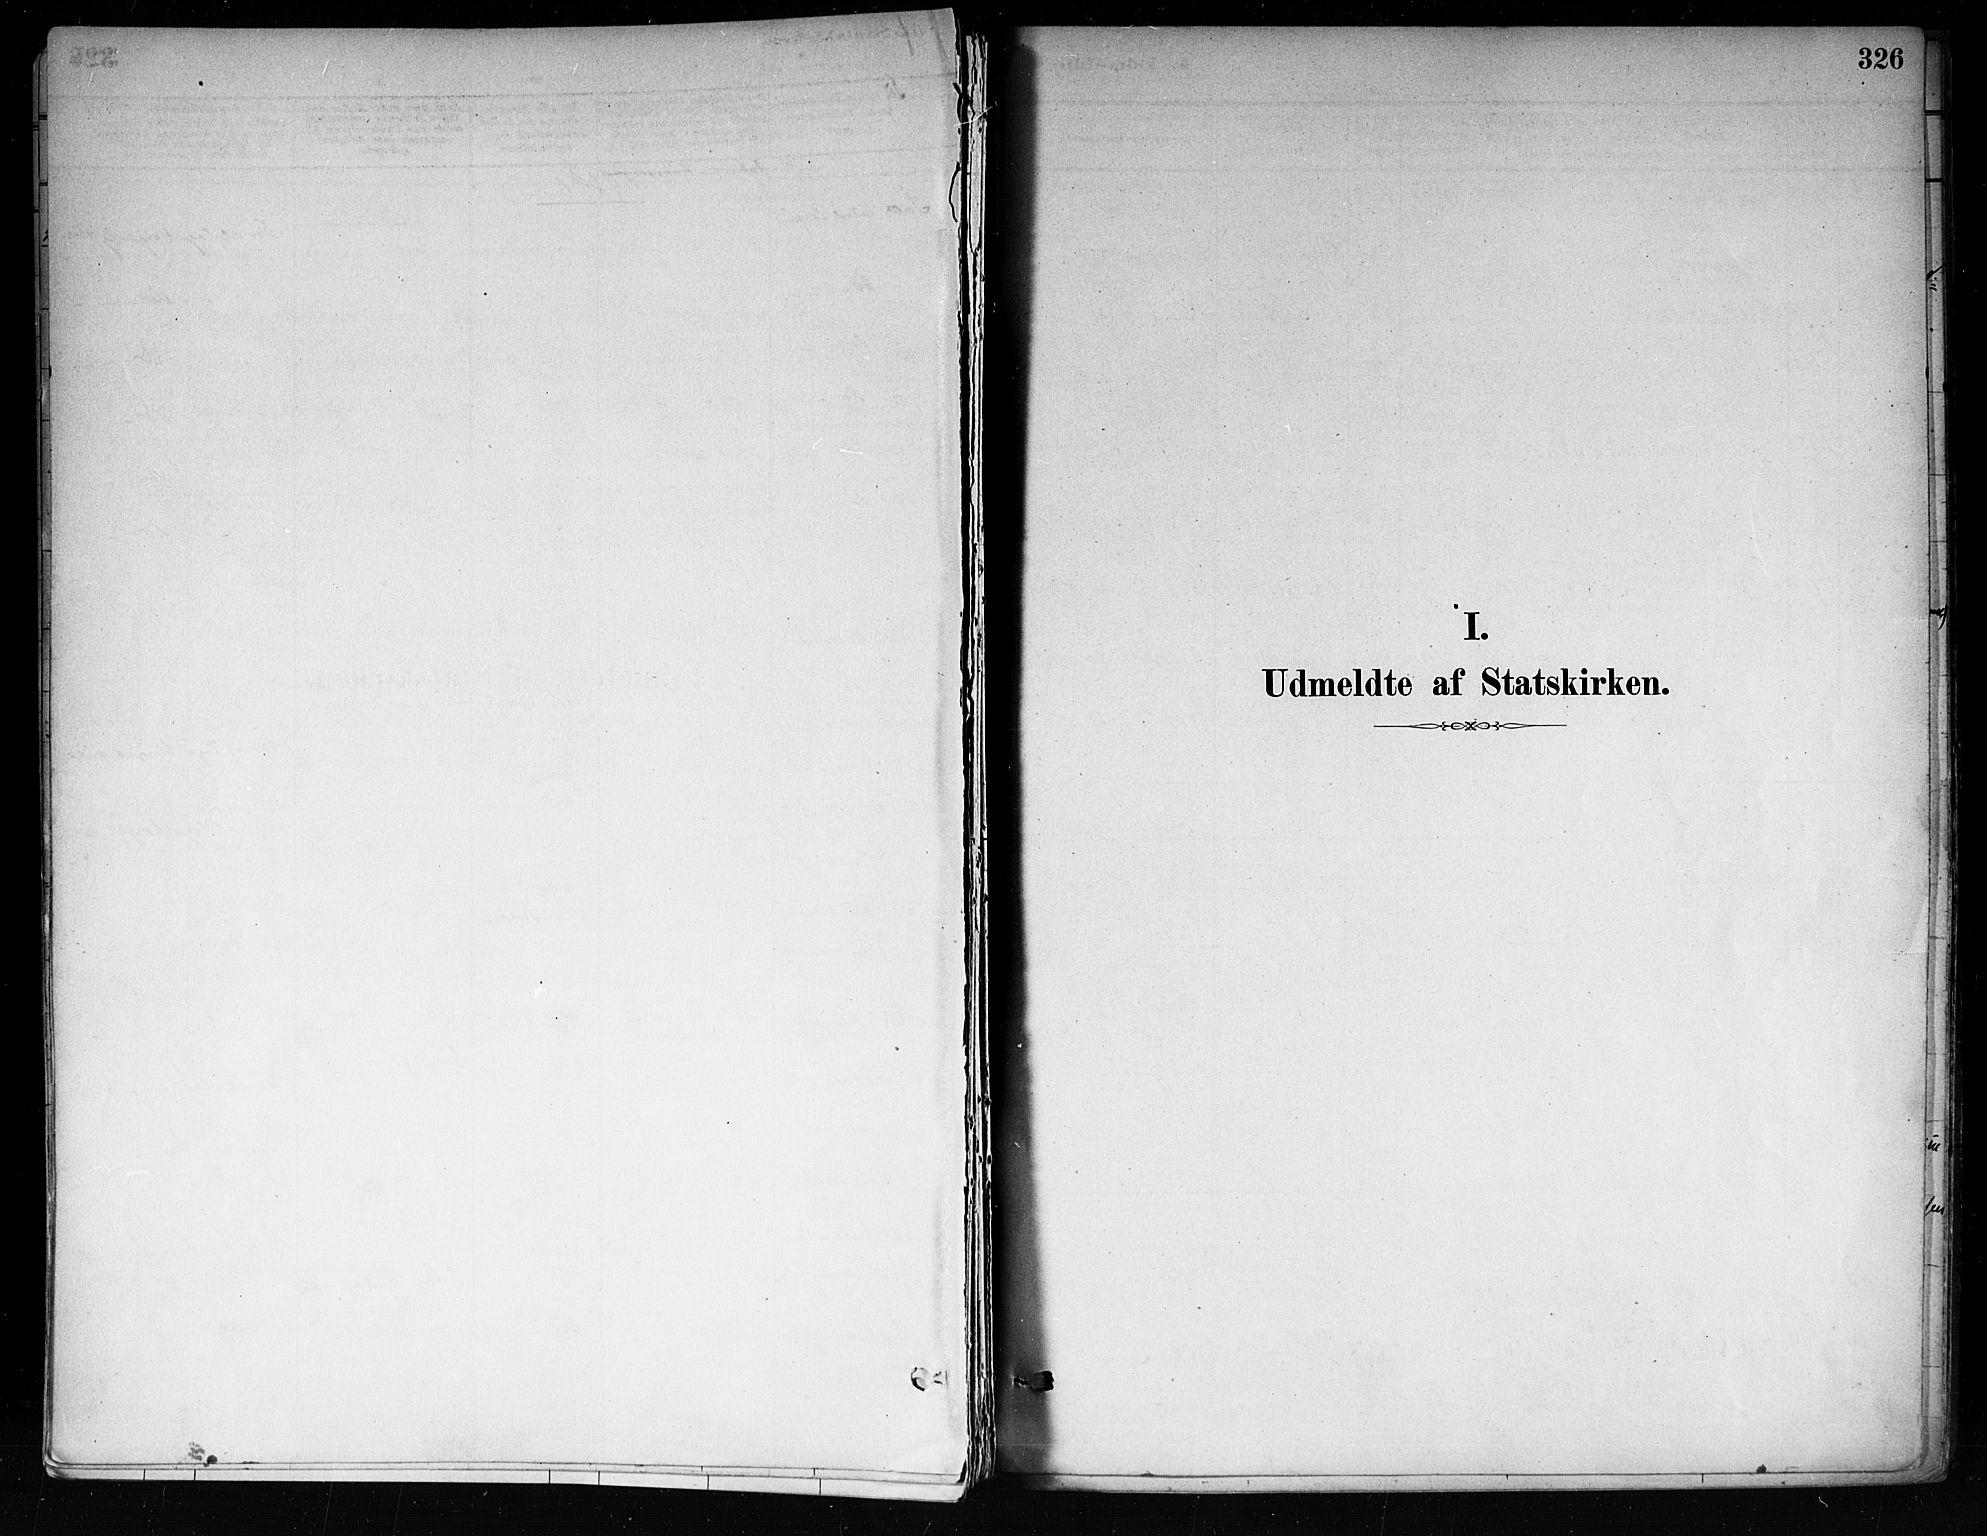 SAKO, Røyken kirkebøker, F/Fa/L0008: Ministerialbok nr. 8, 1880-1897, s. 326